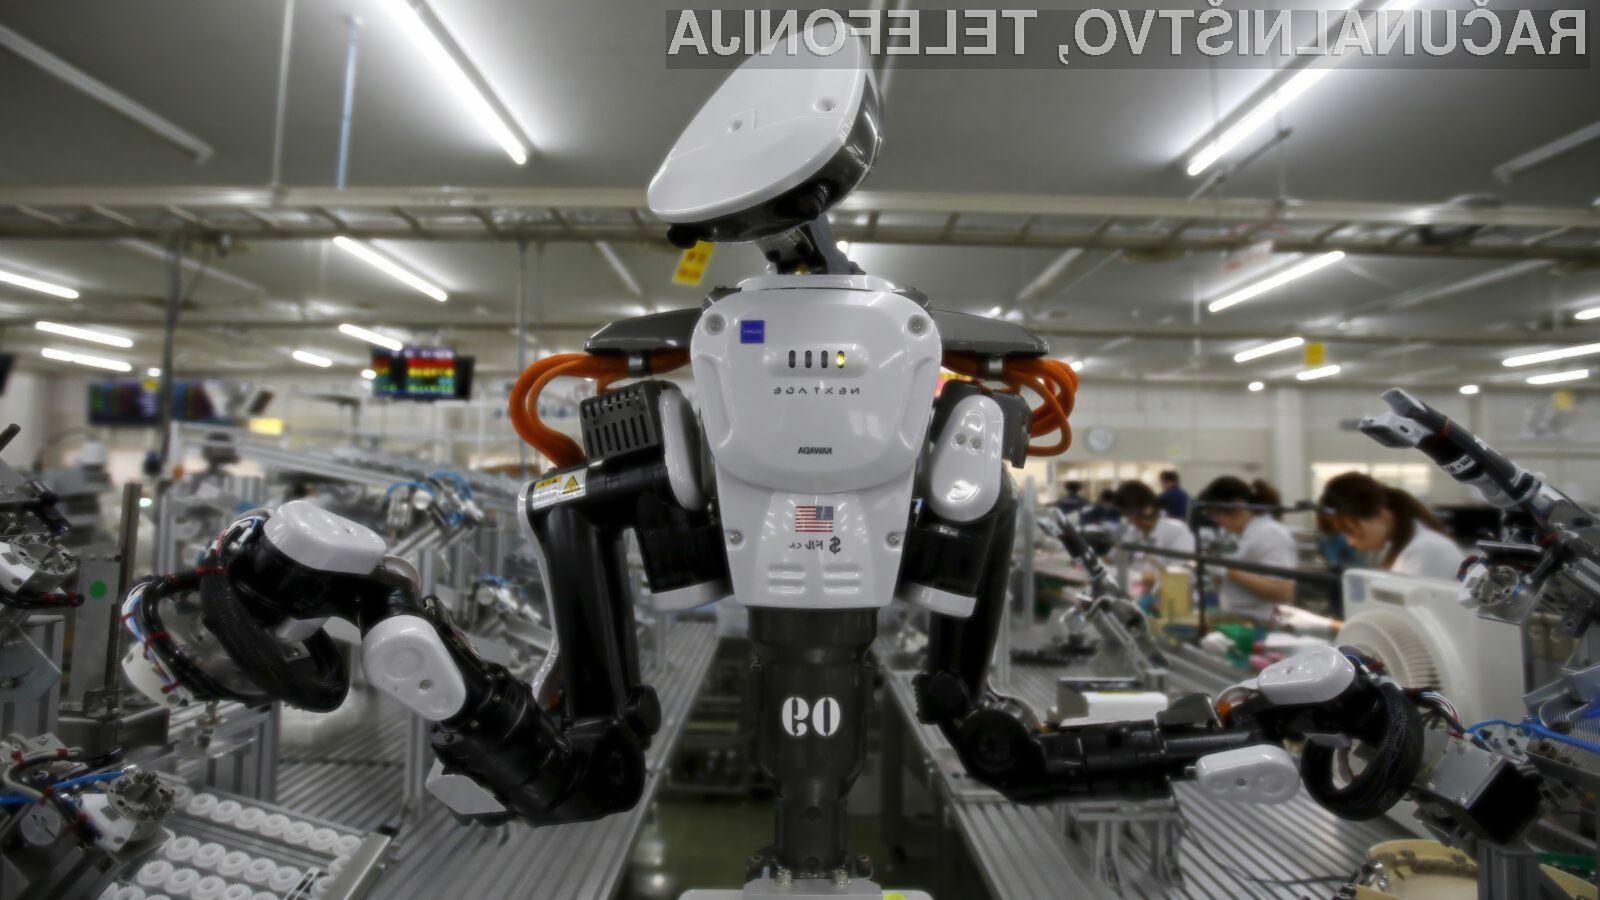 Kitajska naj bi do leta 2020 delež robotov v tovarnah povečala na 150 robotov na 10.000 delavcev.